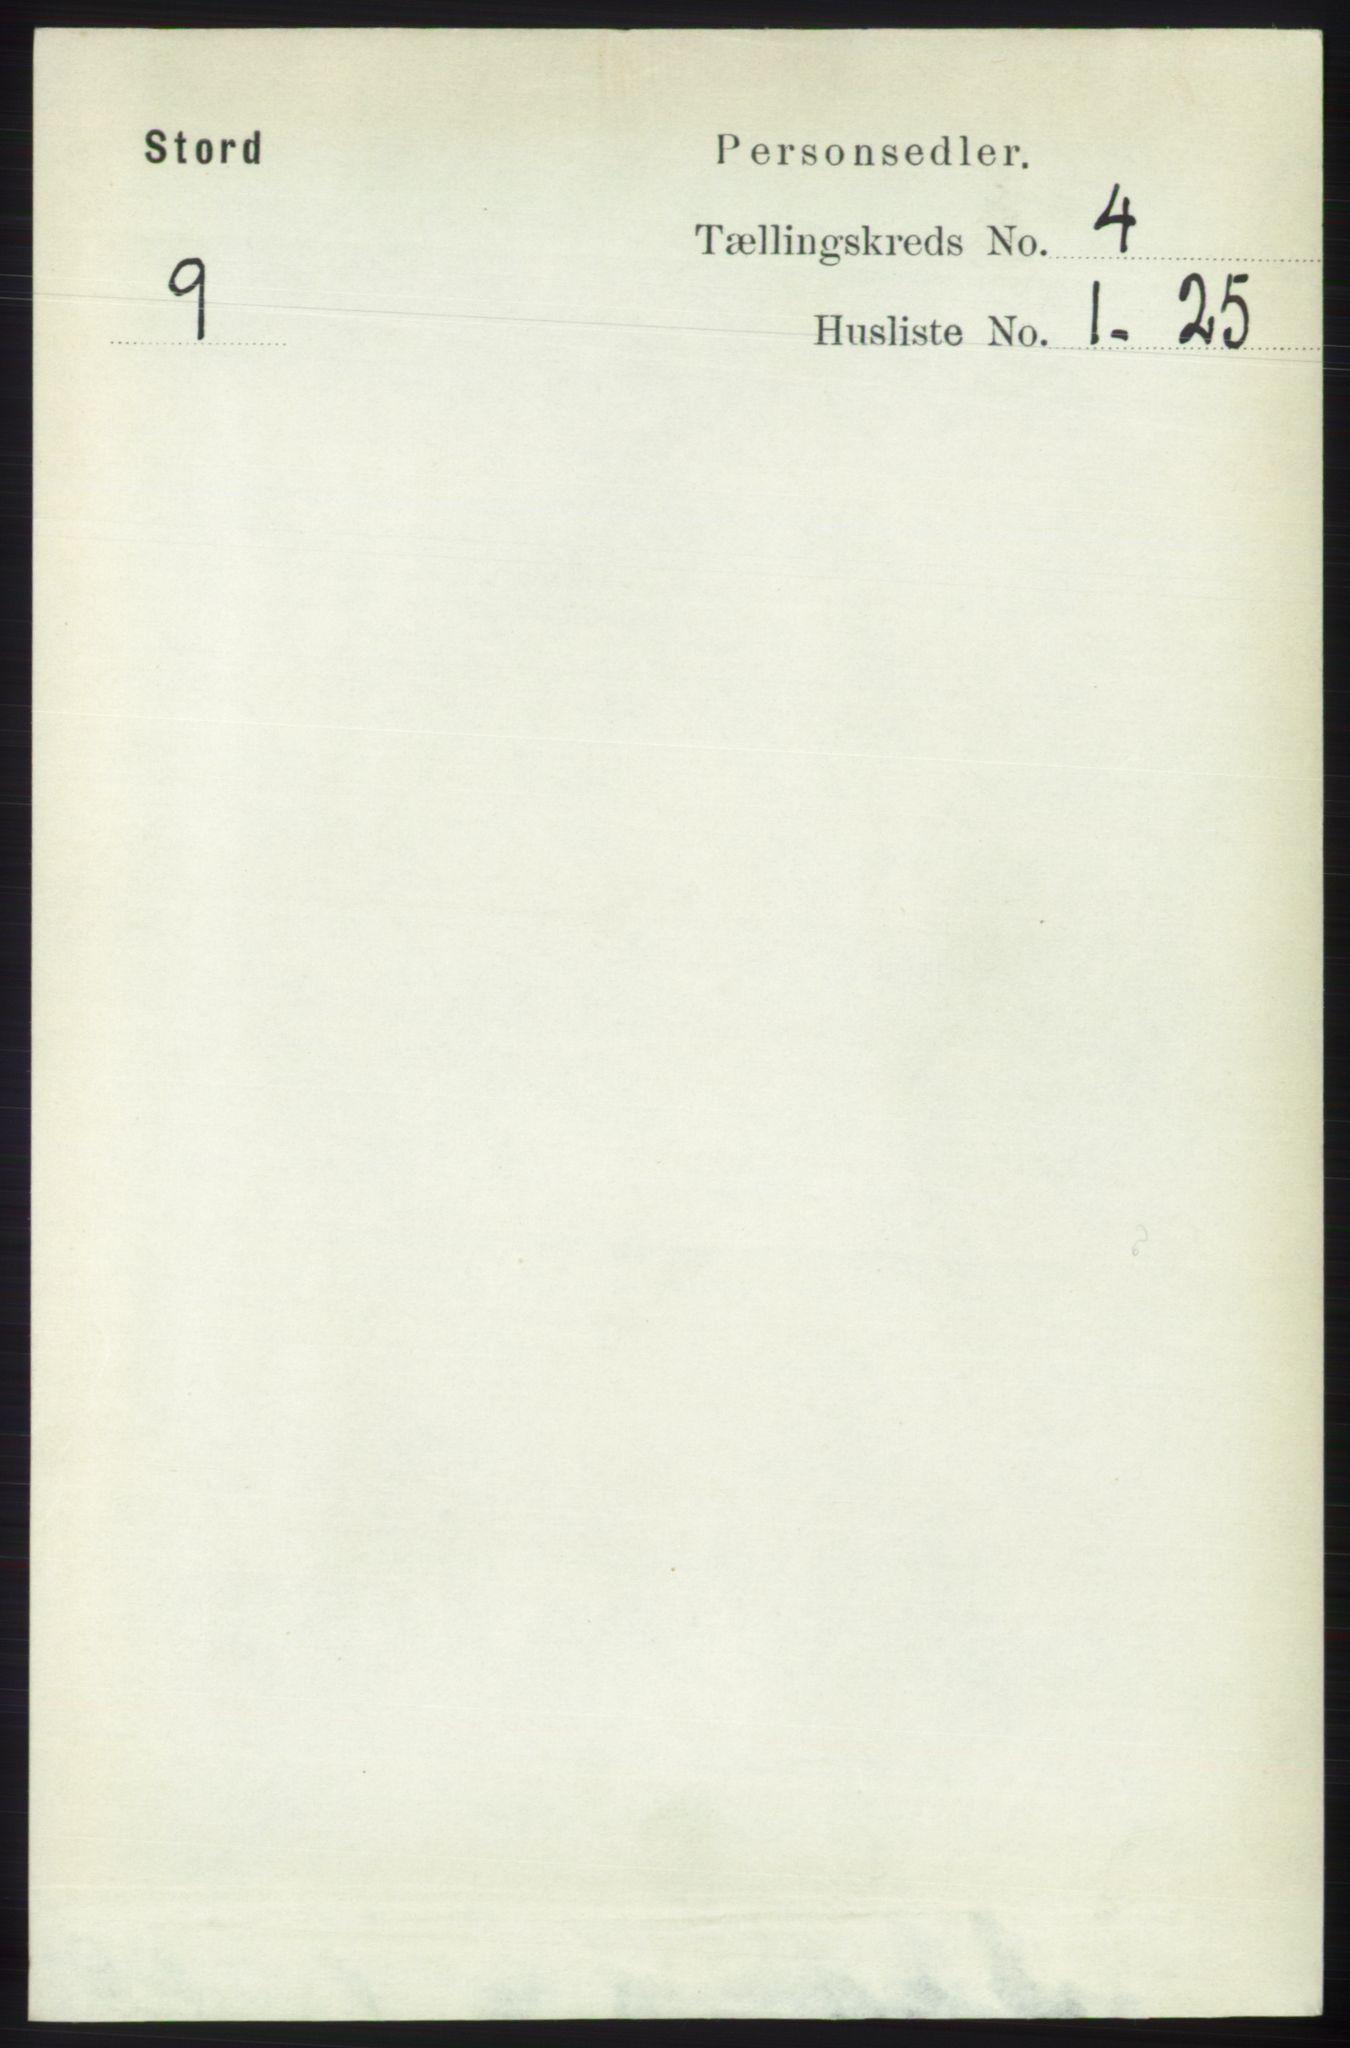 RA, Folketelling 1891 for 1221 Stord herred, 1891, s. 1034